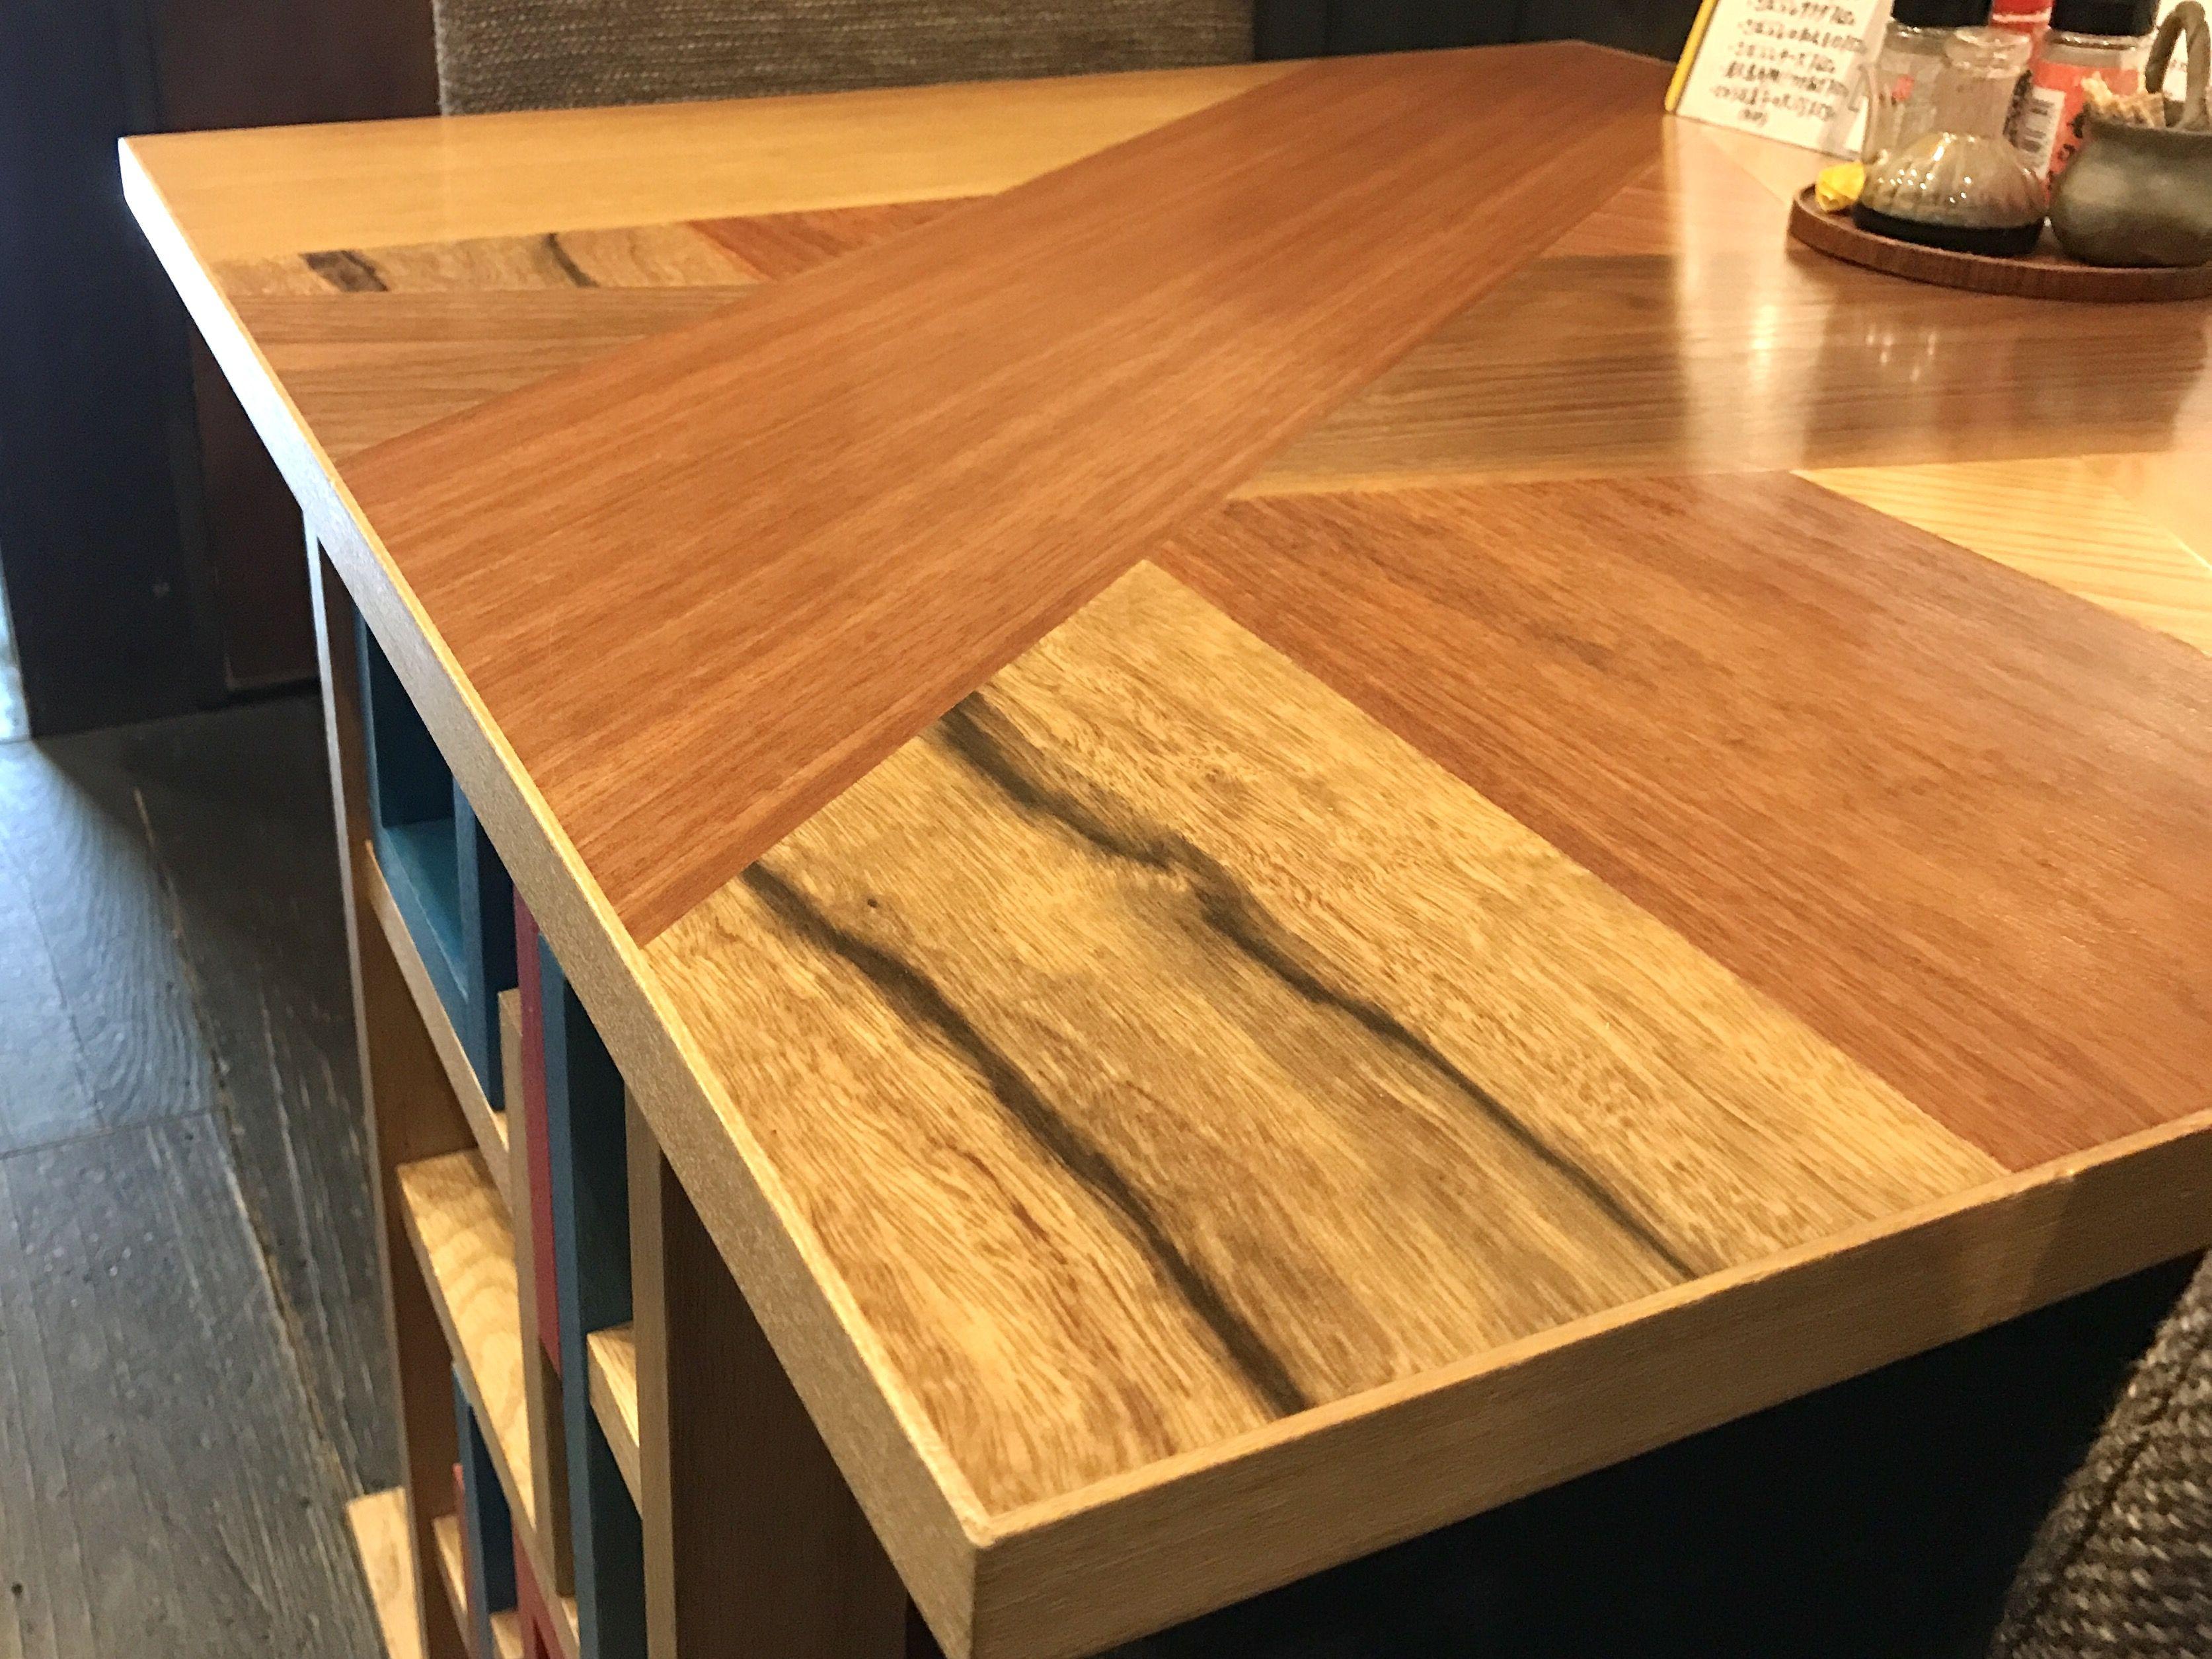 ビビッドでアバンギャルドでアシンメトリーでカラフルで個性的なオーダーメイドテーブル